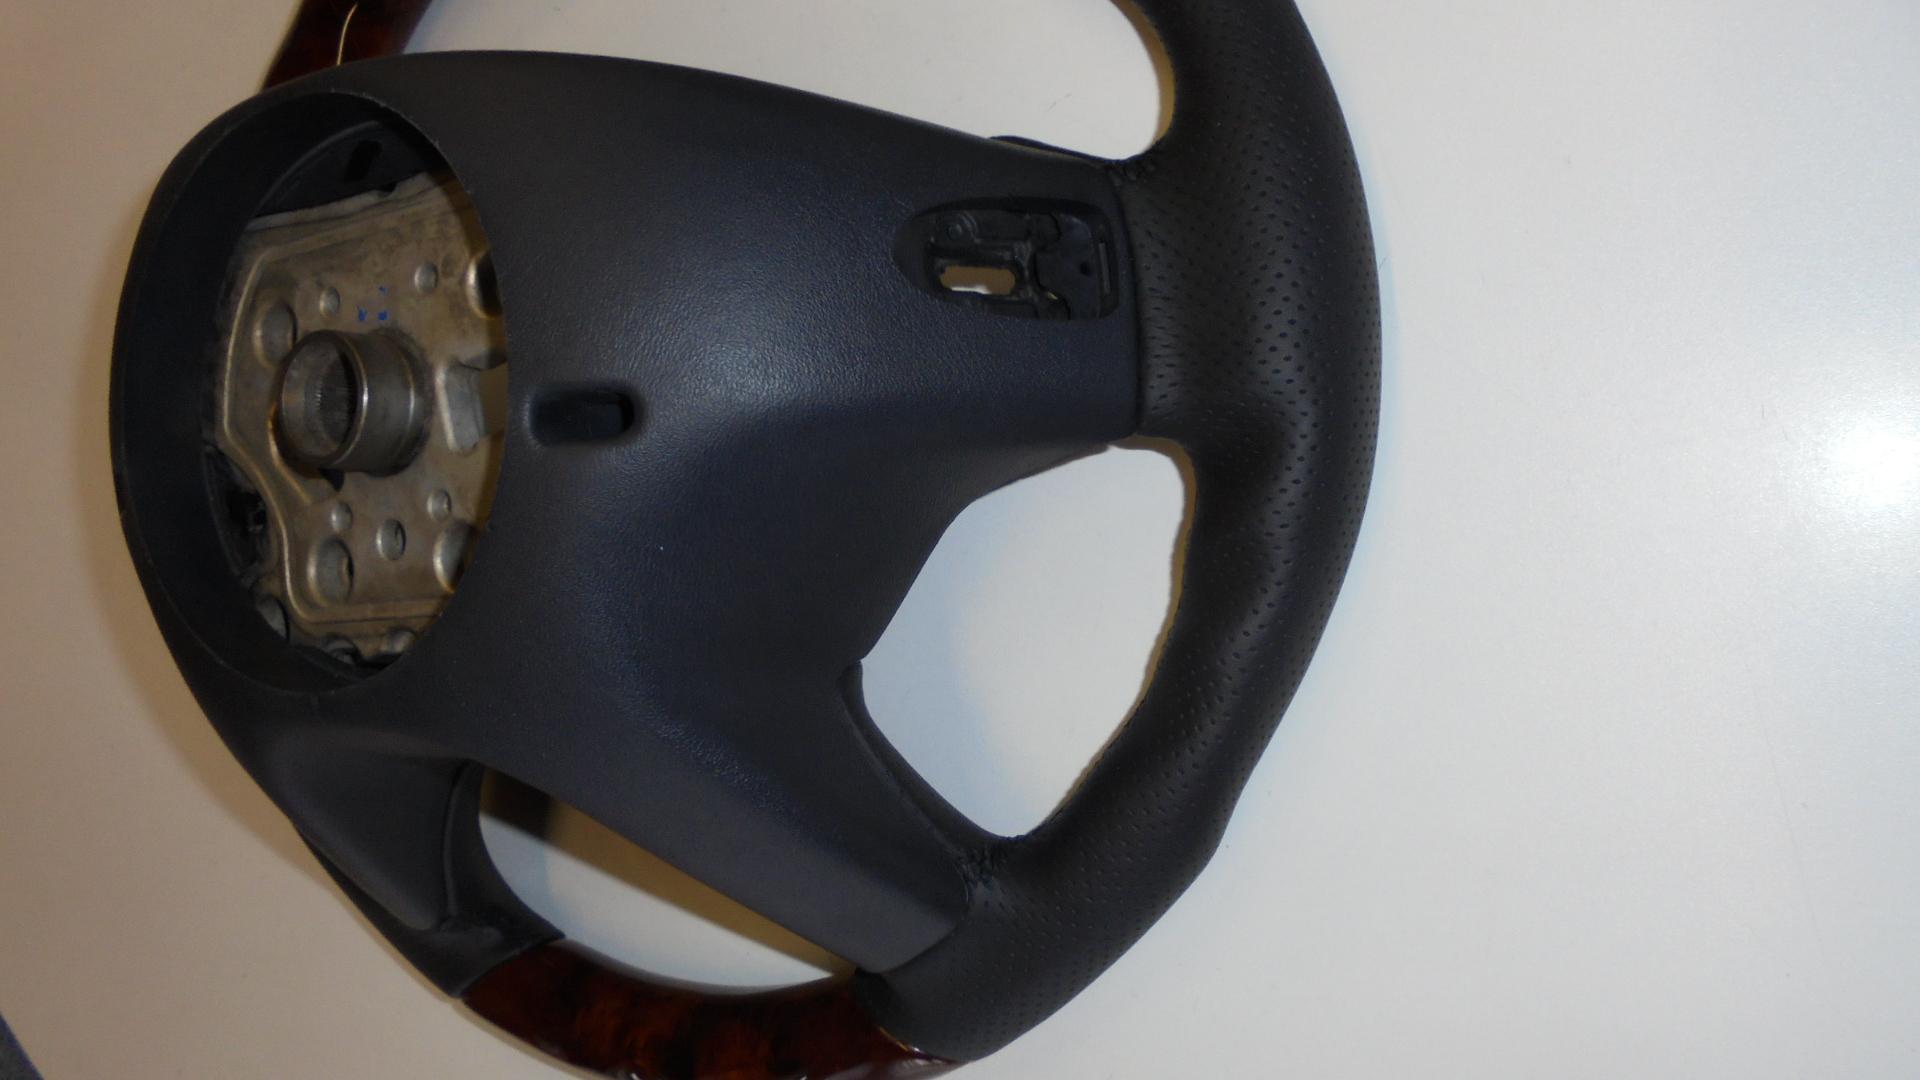 Ergonomisches Airbag Sportlenkrad S Klasse W221 mit Prüfbericht